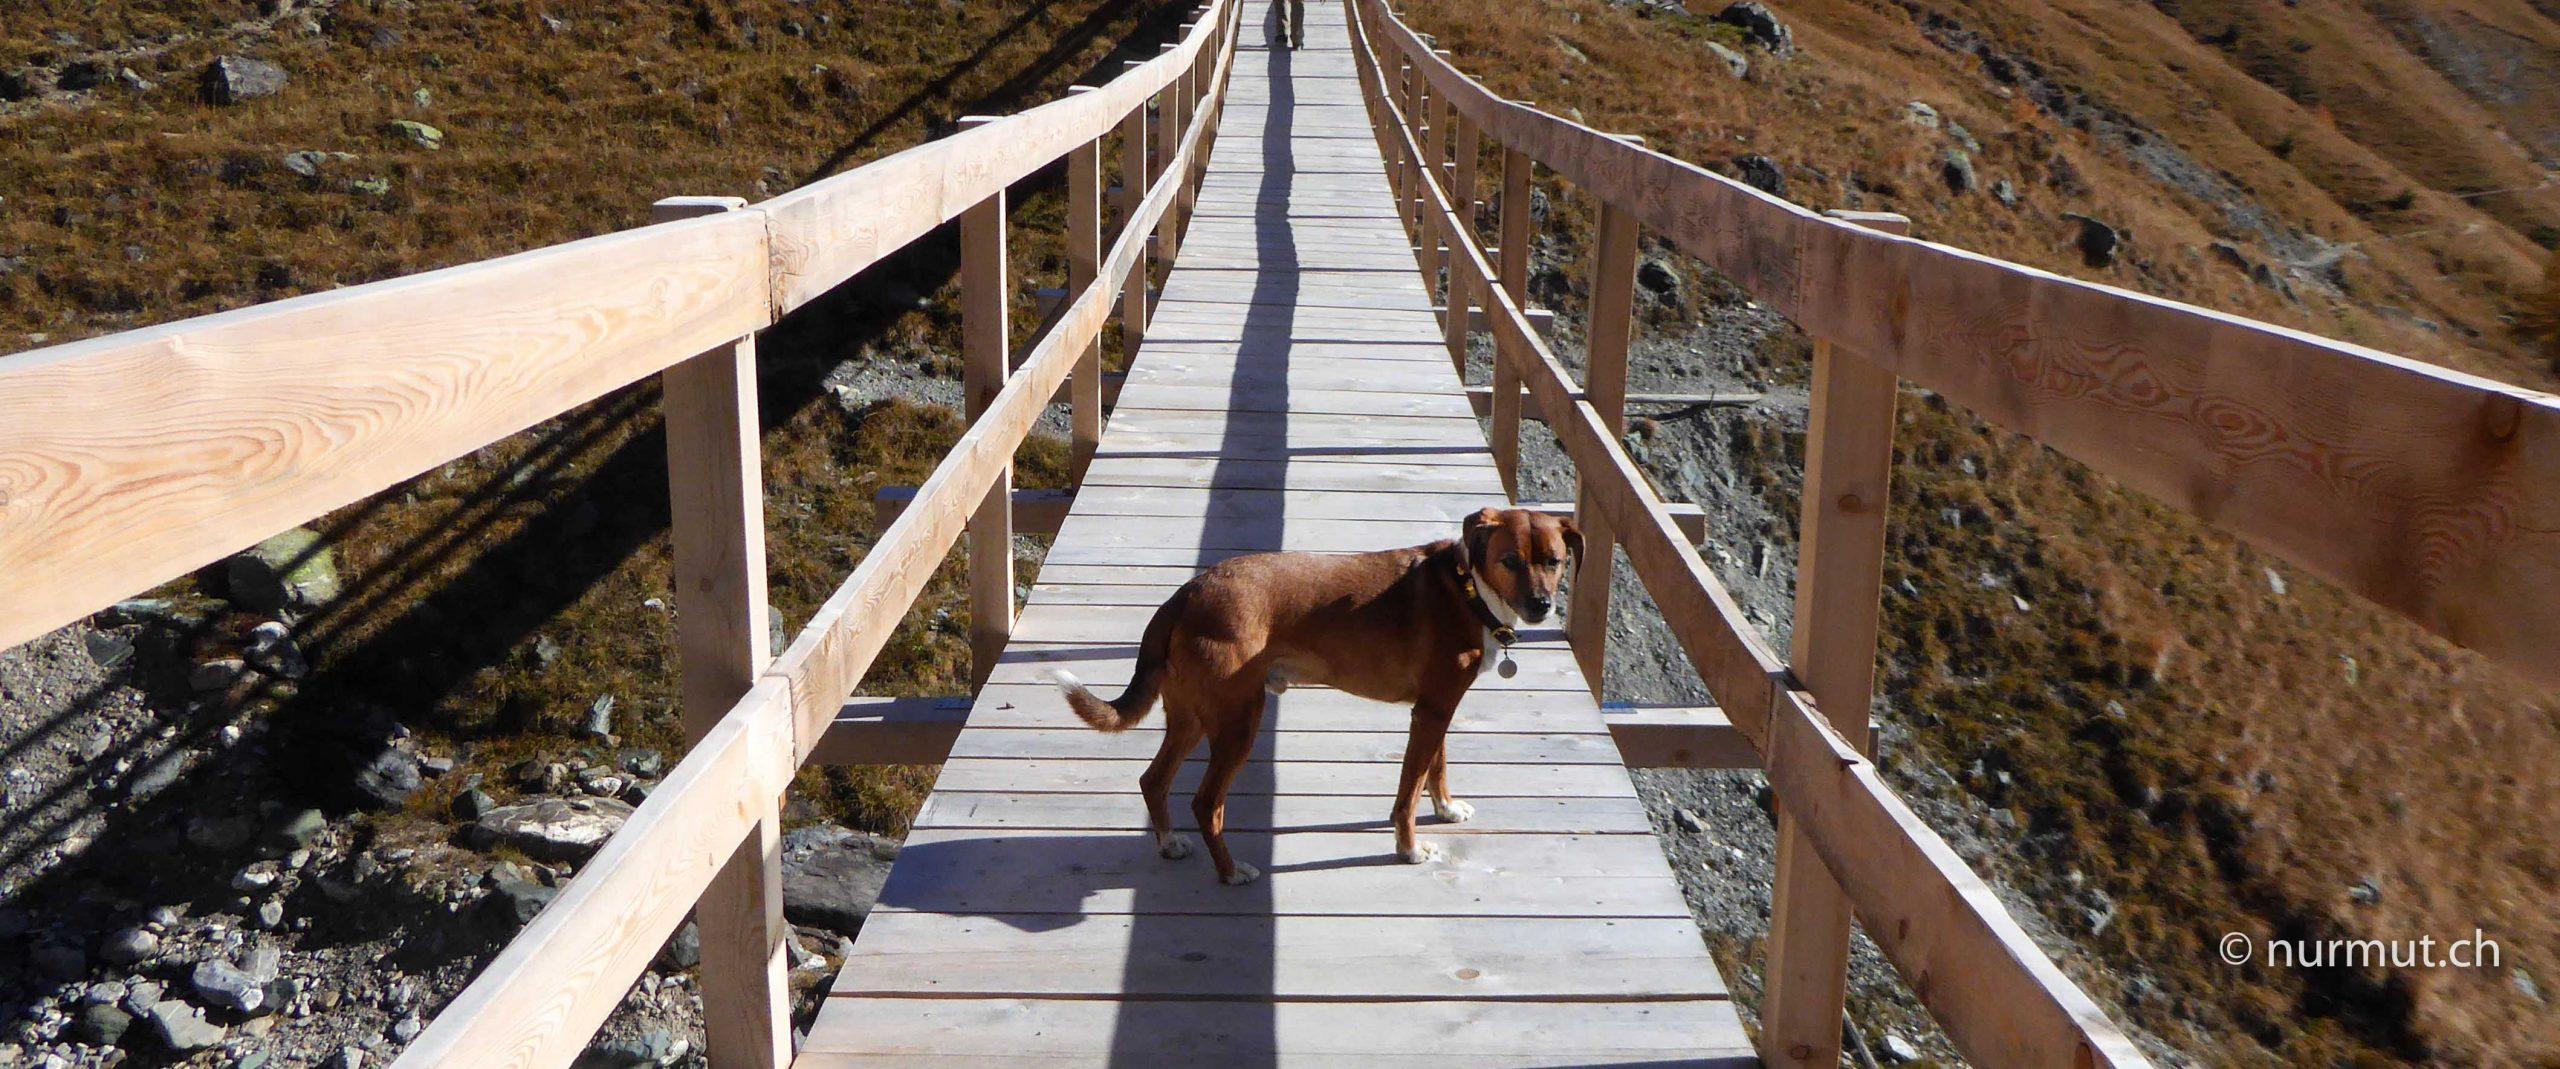 Scuol-im-Unterengadin-Auszeit-mit-Hund